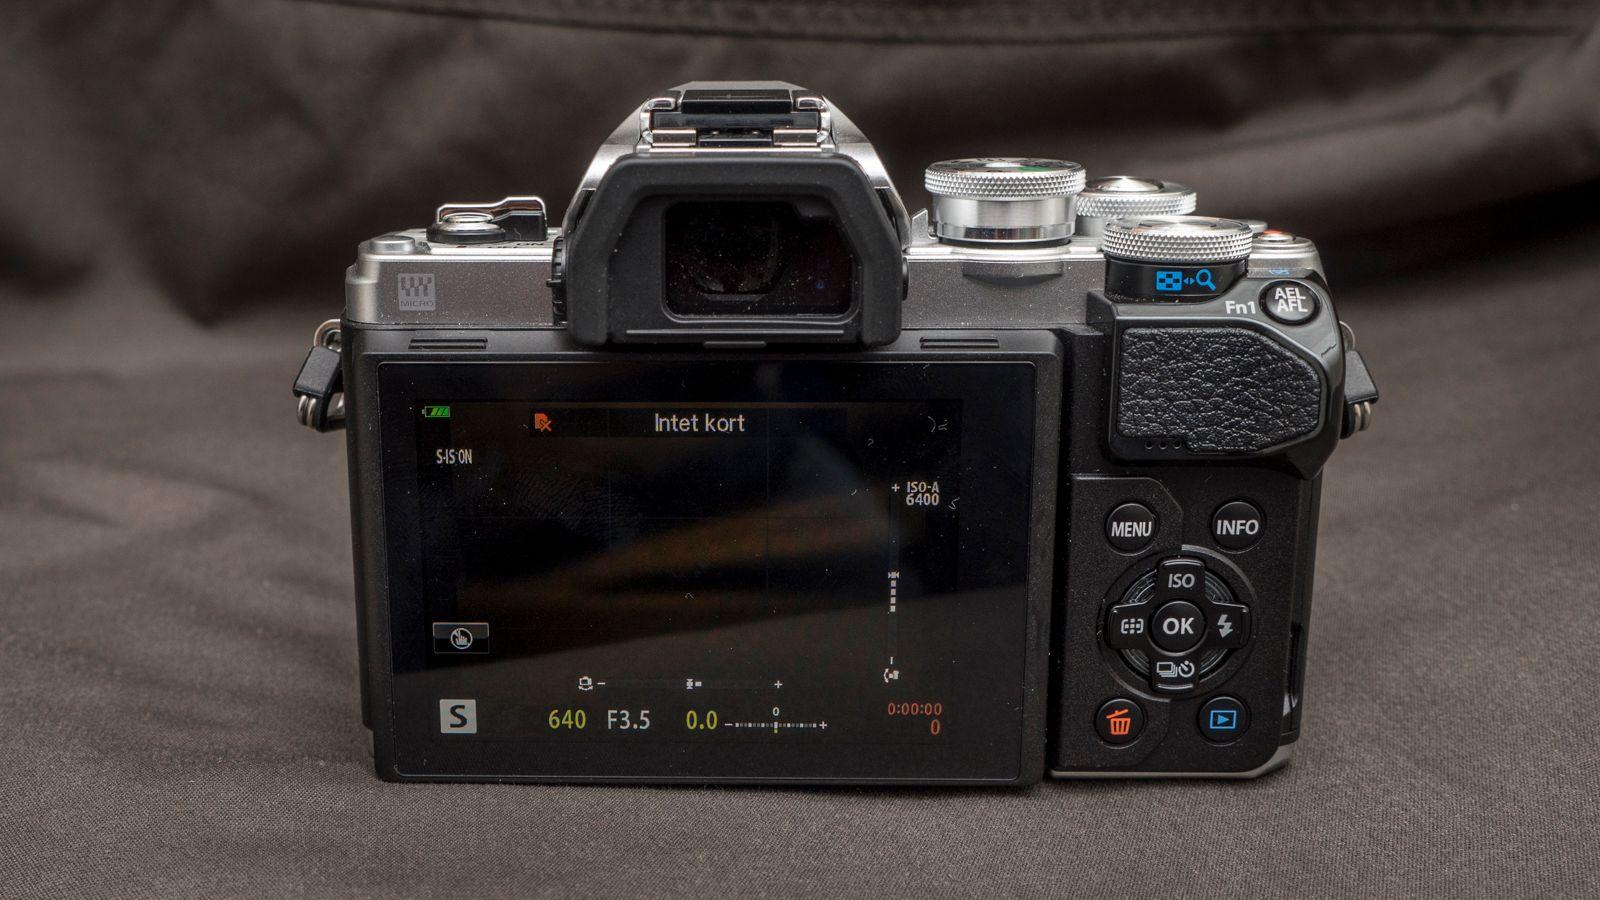 E-M10 III har et godt utvalg fysiske knapper for dem som ønsker å ta større kontroll over fotograferingen. Bilde: Kristoffer Møllevik